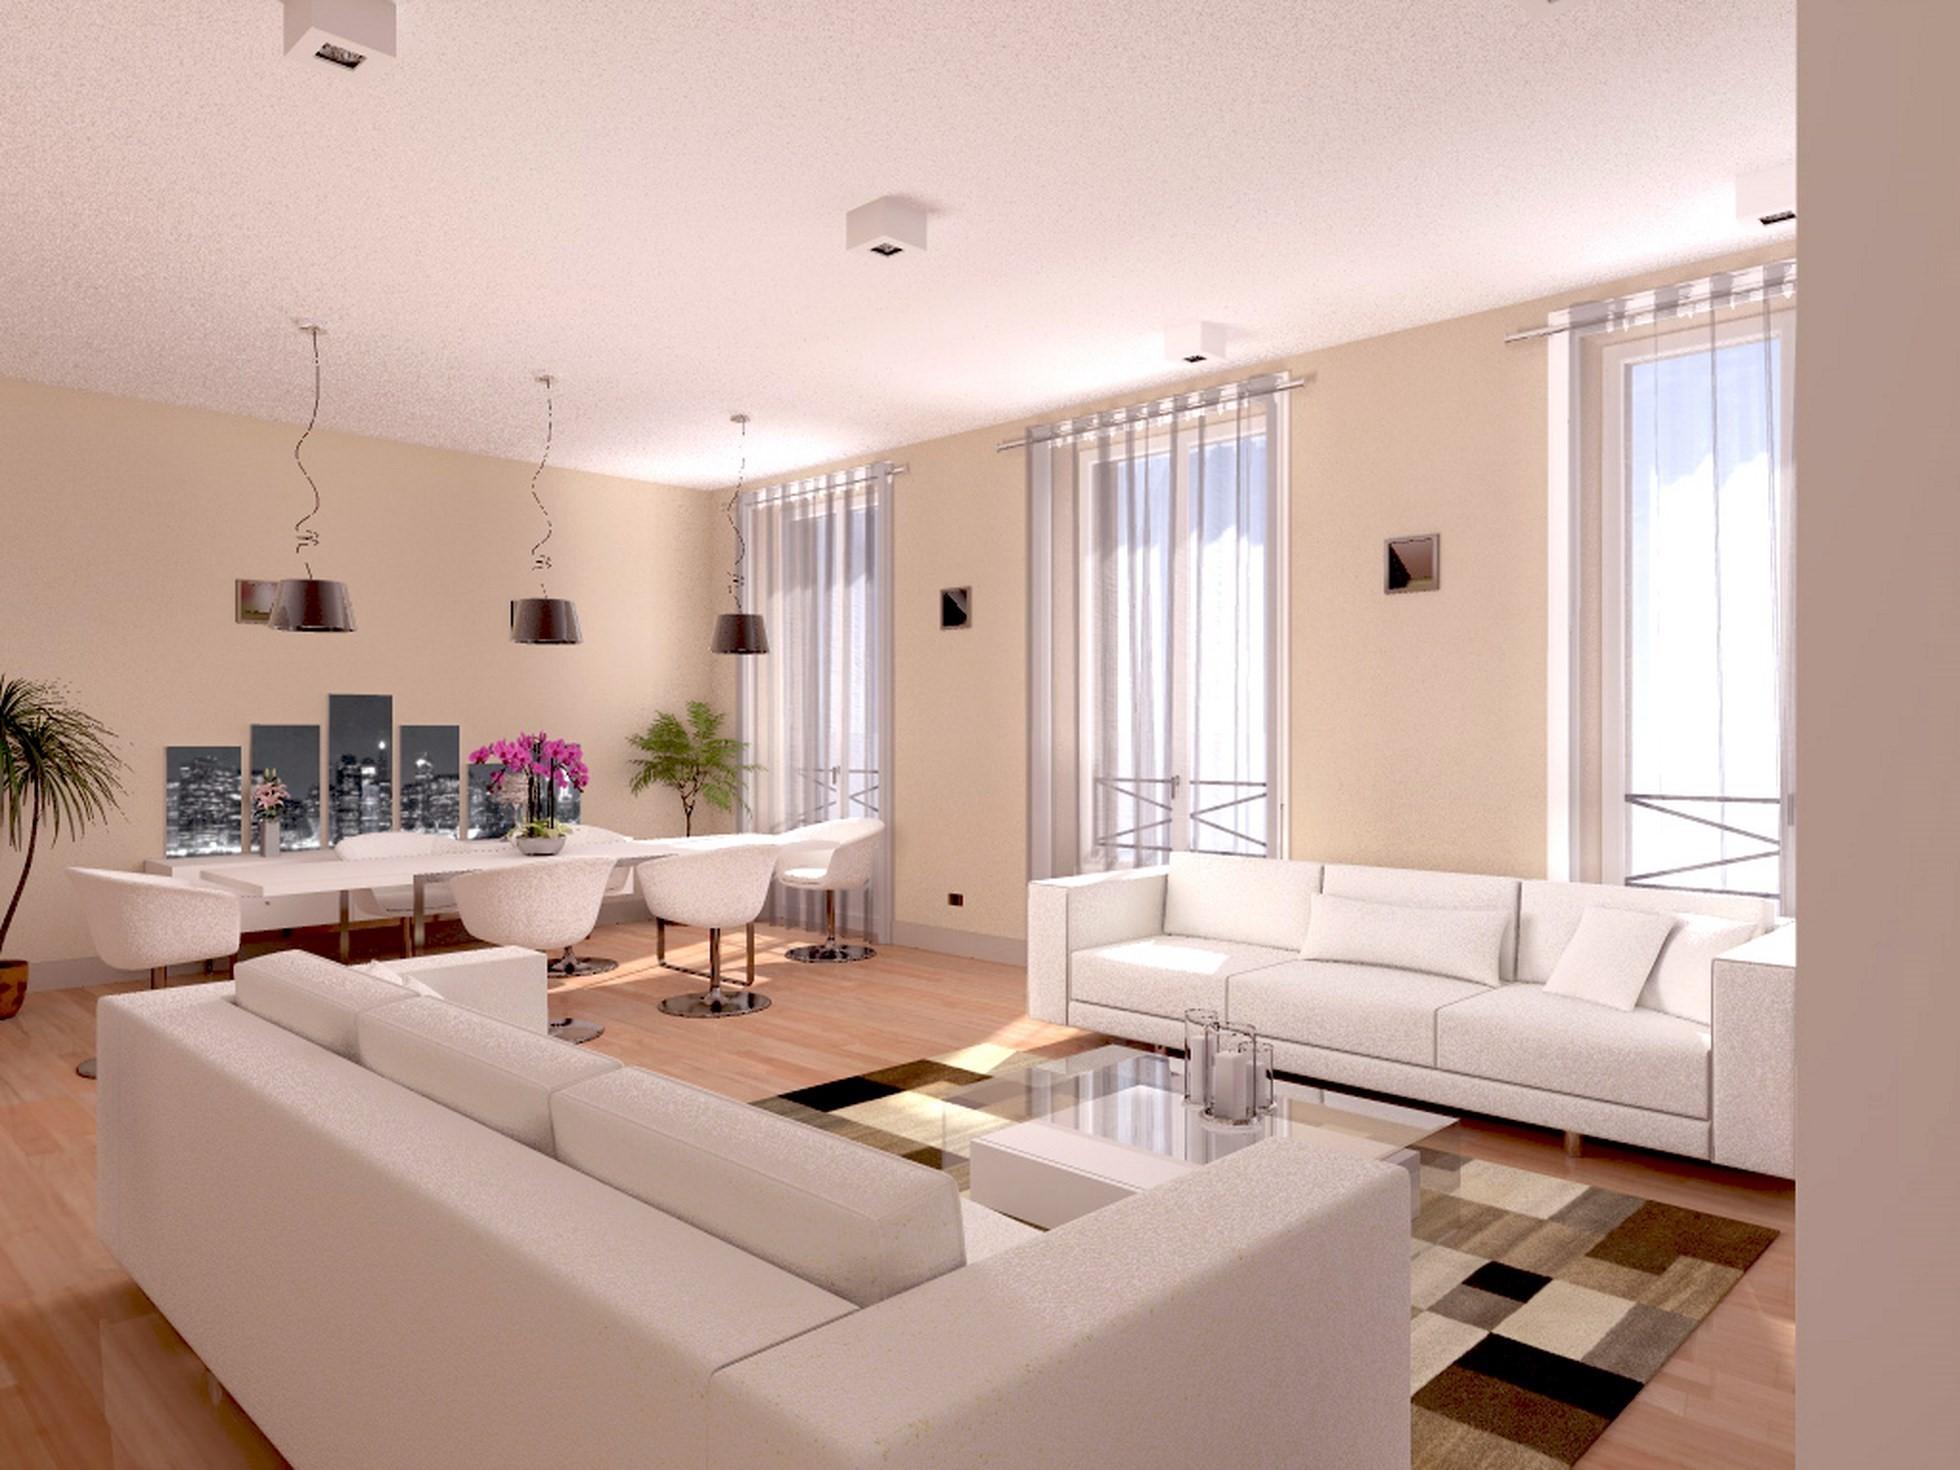 Ppc italy agenzia immobiliare a milano immobili in vendita e in locazione - Gb immobiliare milano ...